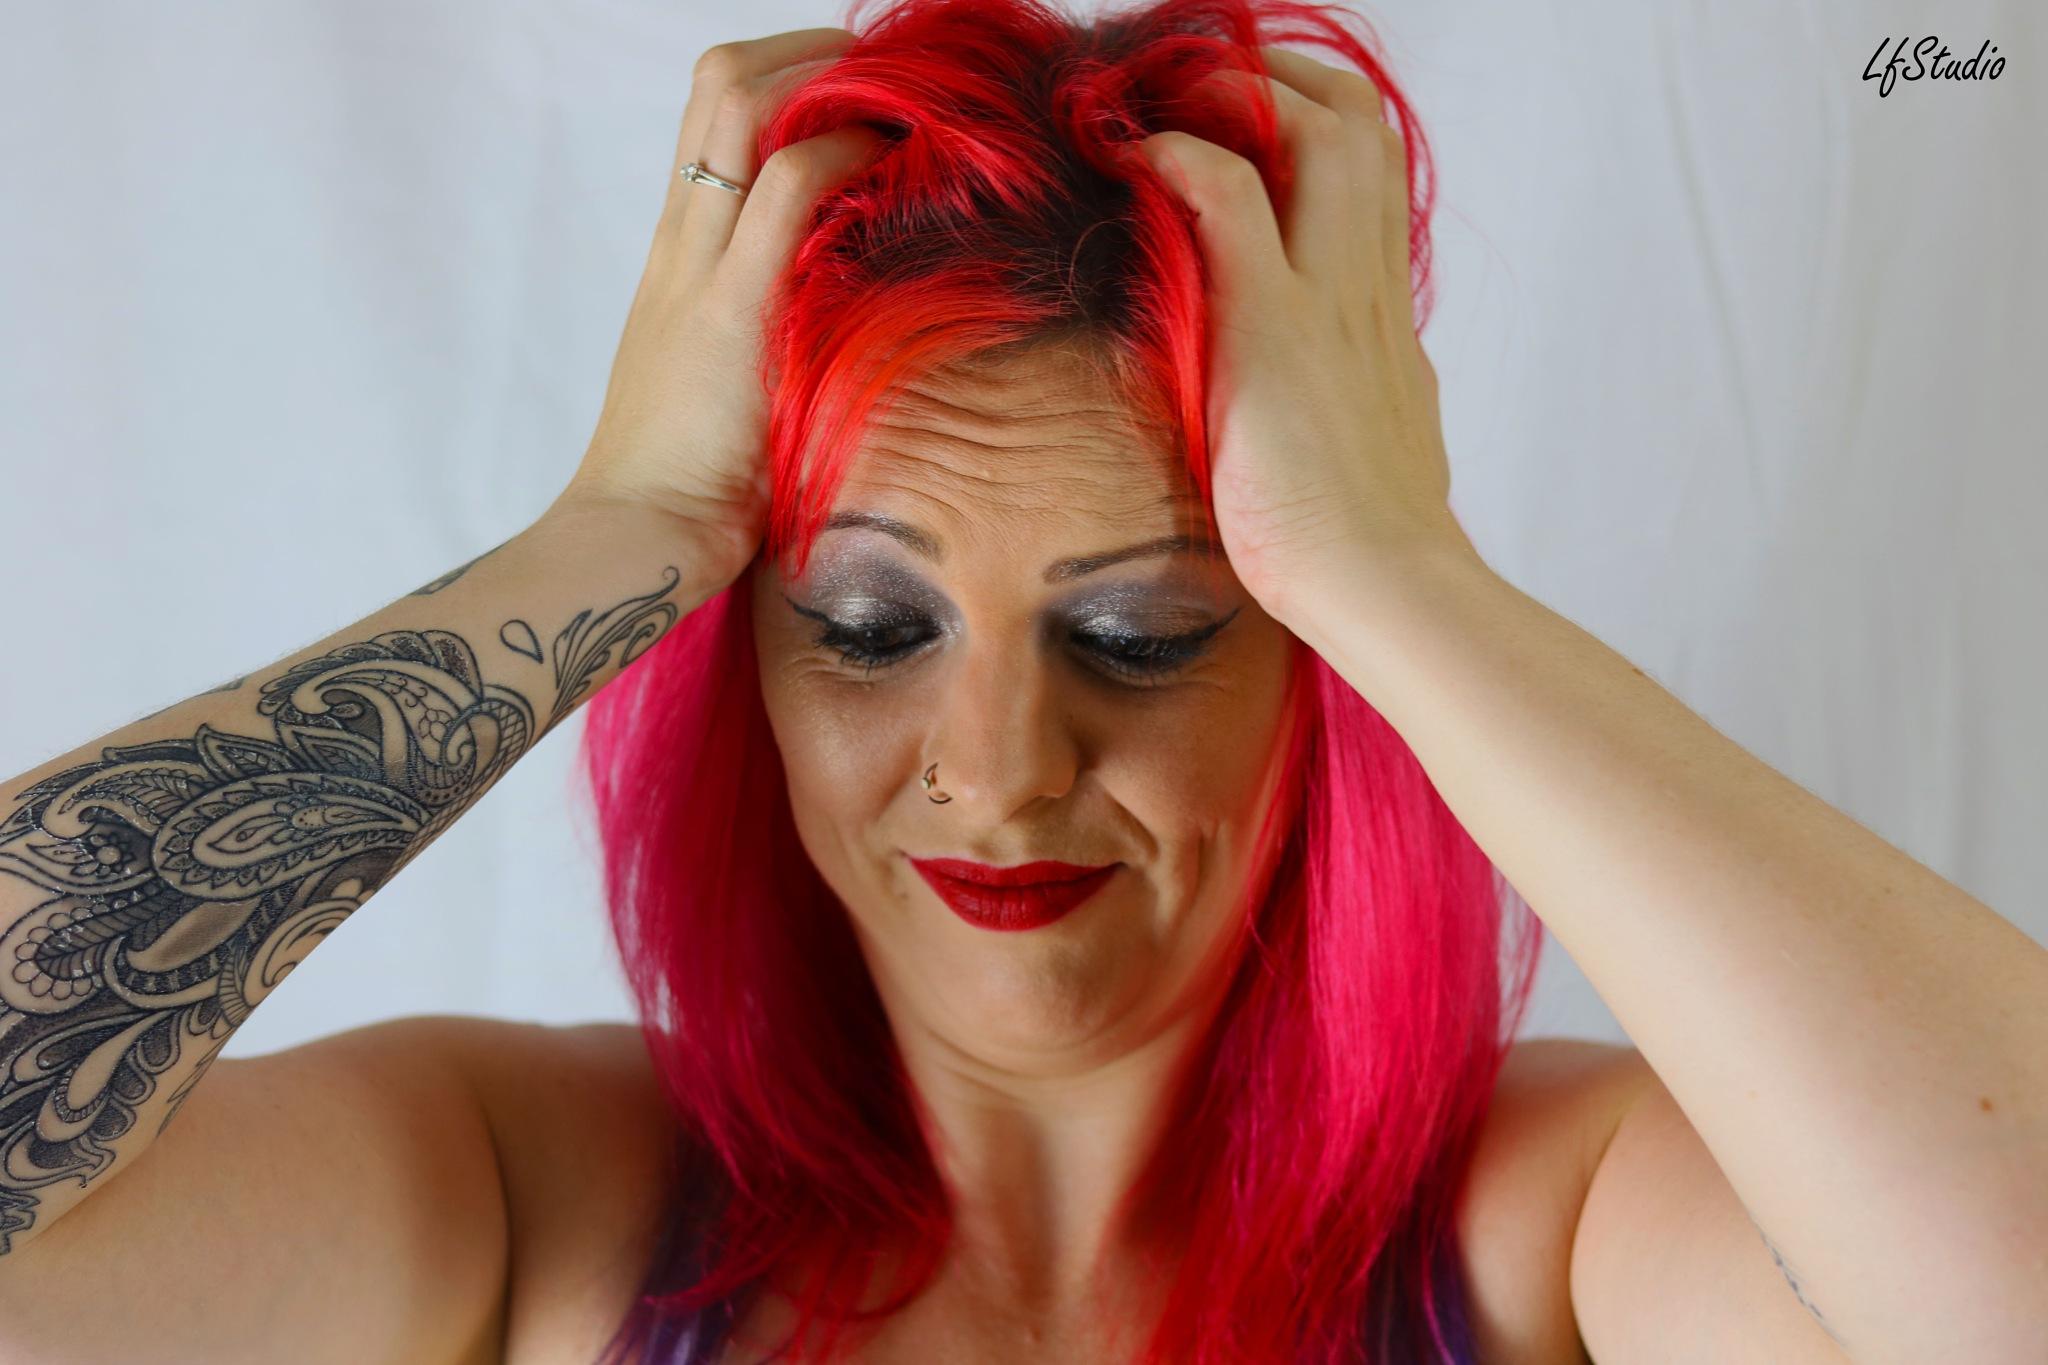 Redhead by LfStudio